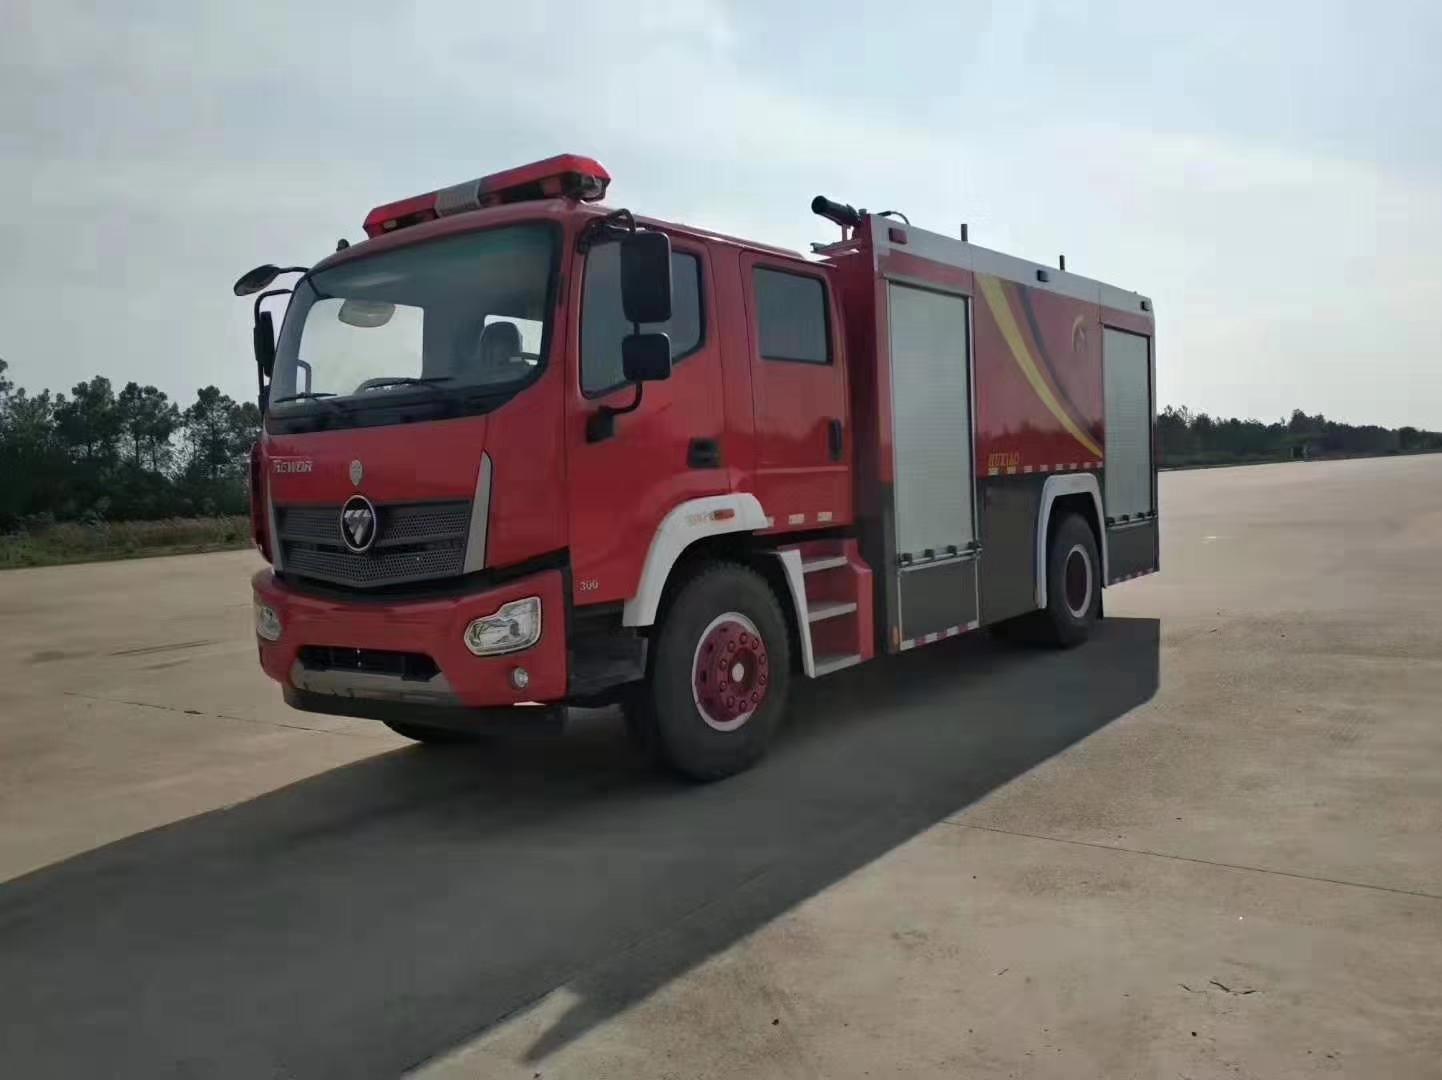 福田瑞沃泡沫消防车图片